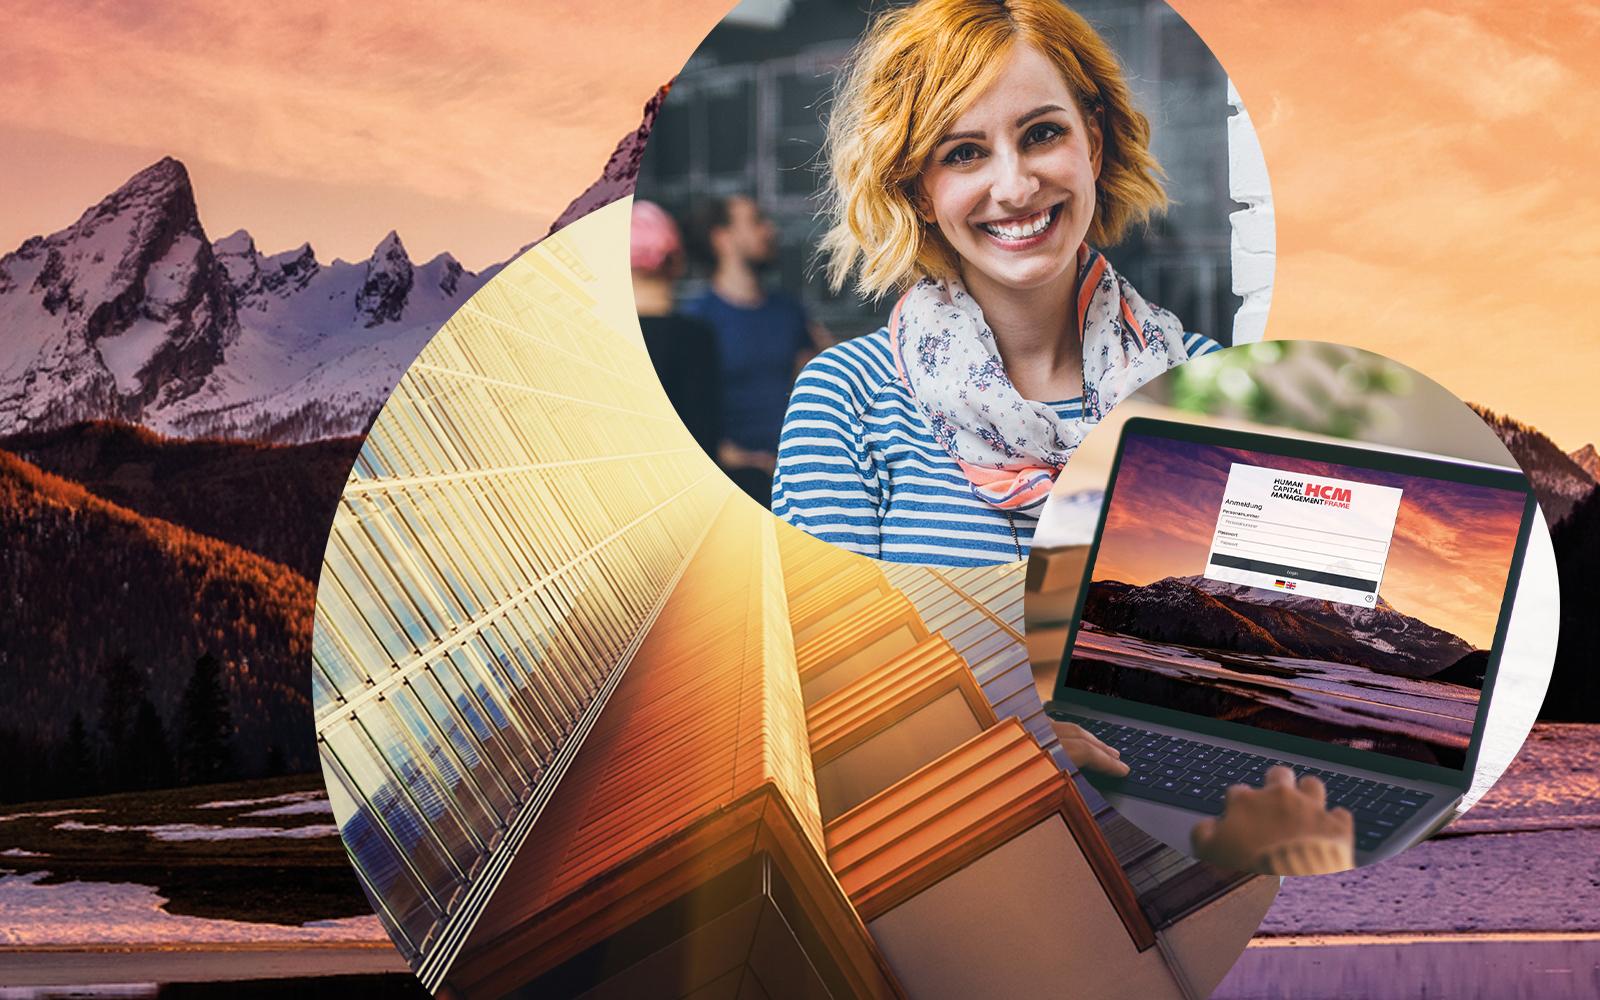 Bild einer lachenden Frau, Computerbildschirm SAP HCM, Bergpanorama im Hintergrund